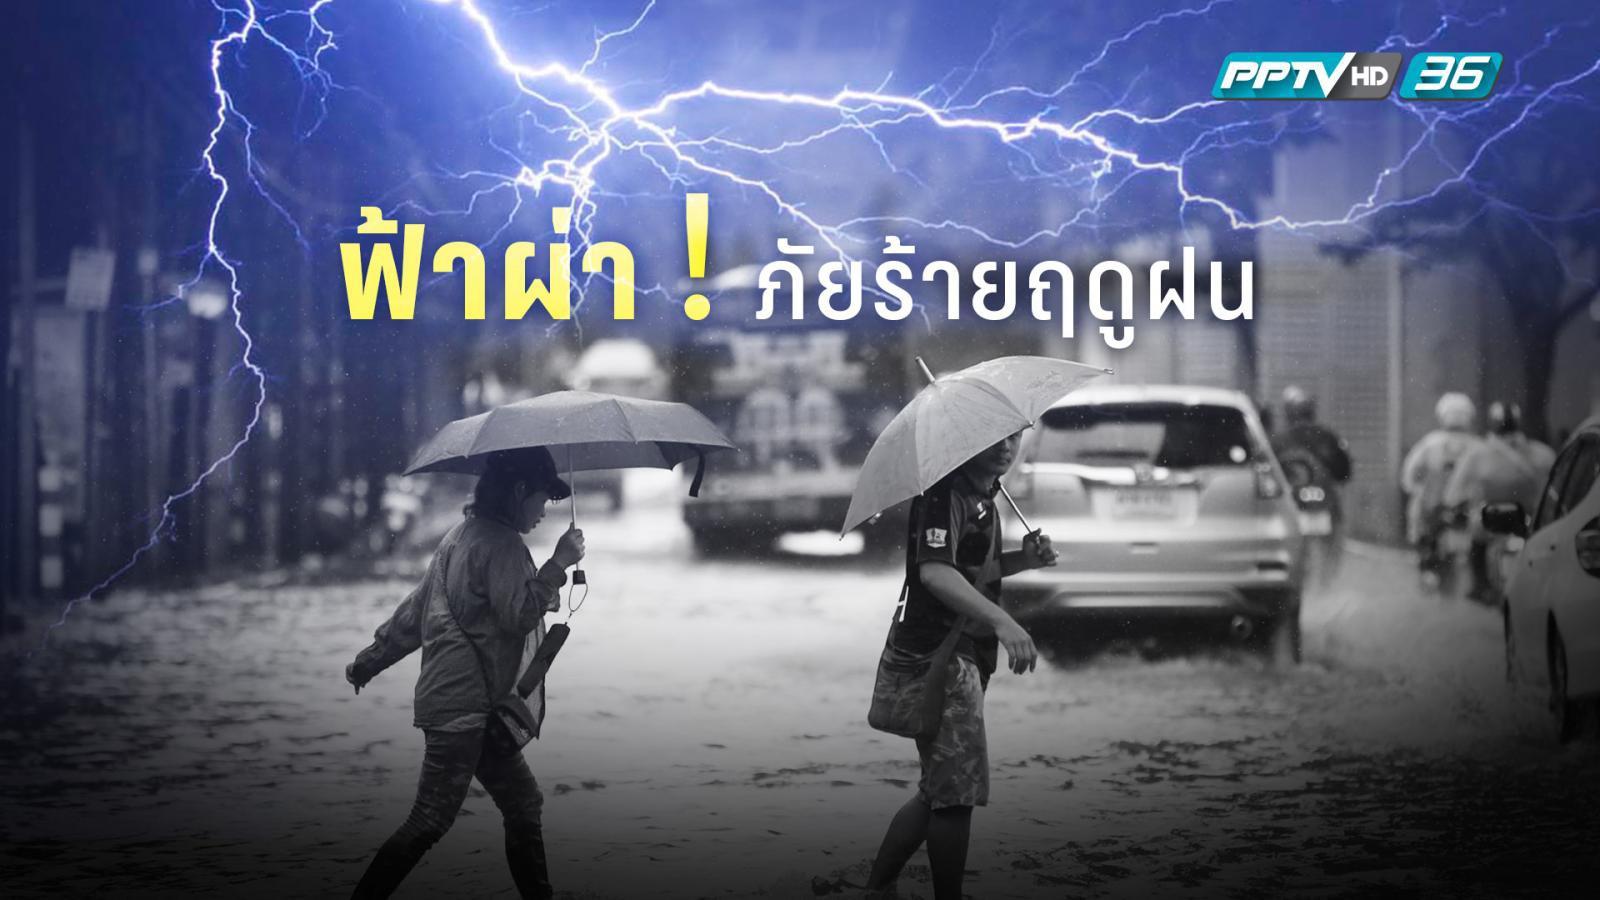 ฟ้าผ่า ! ภัยร้ายฤดูฝน